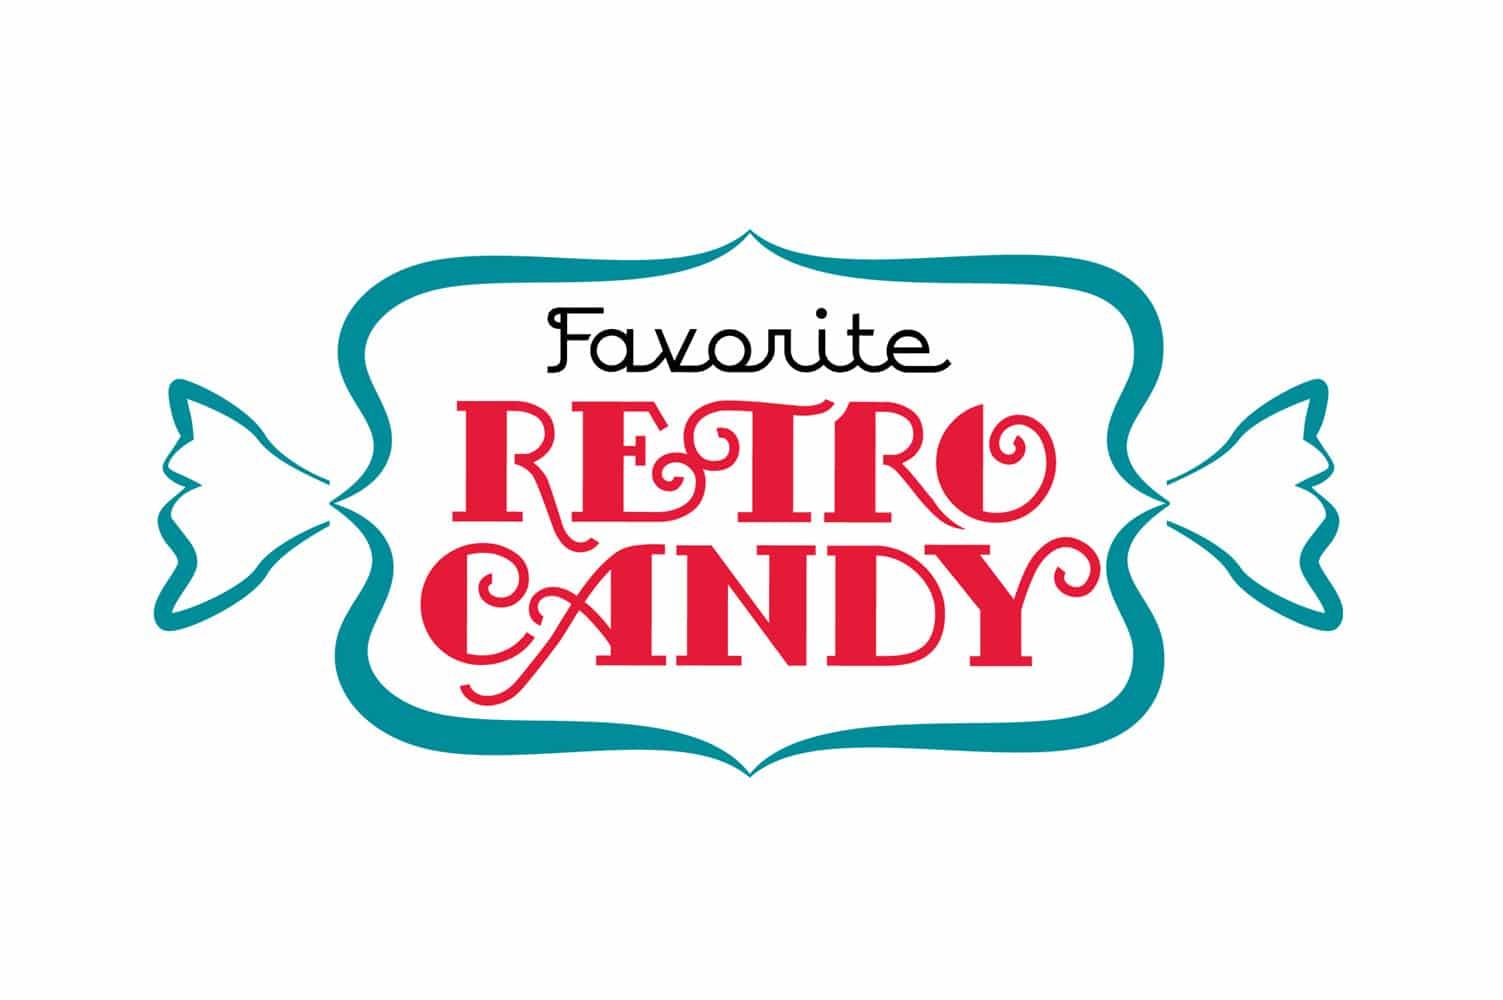 favorite-retro-candy-logo